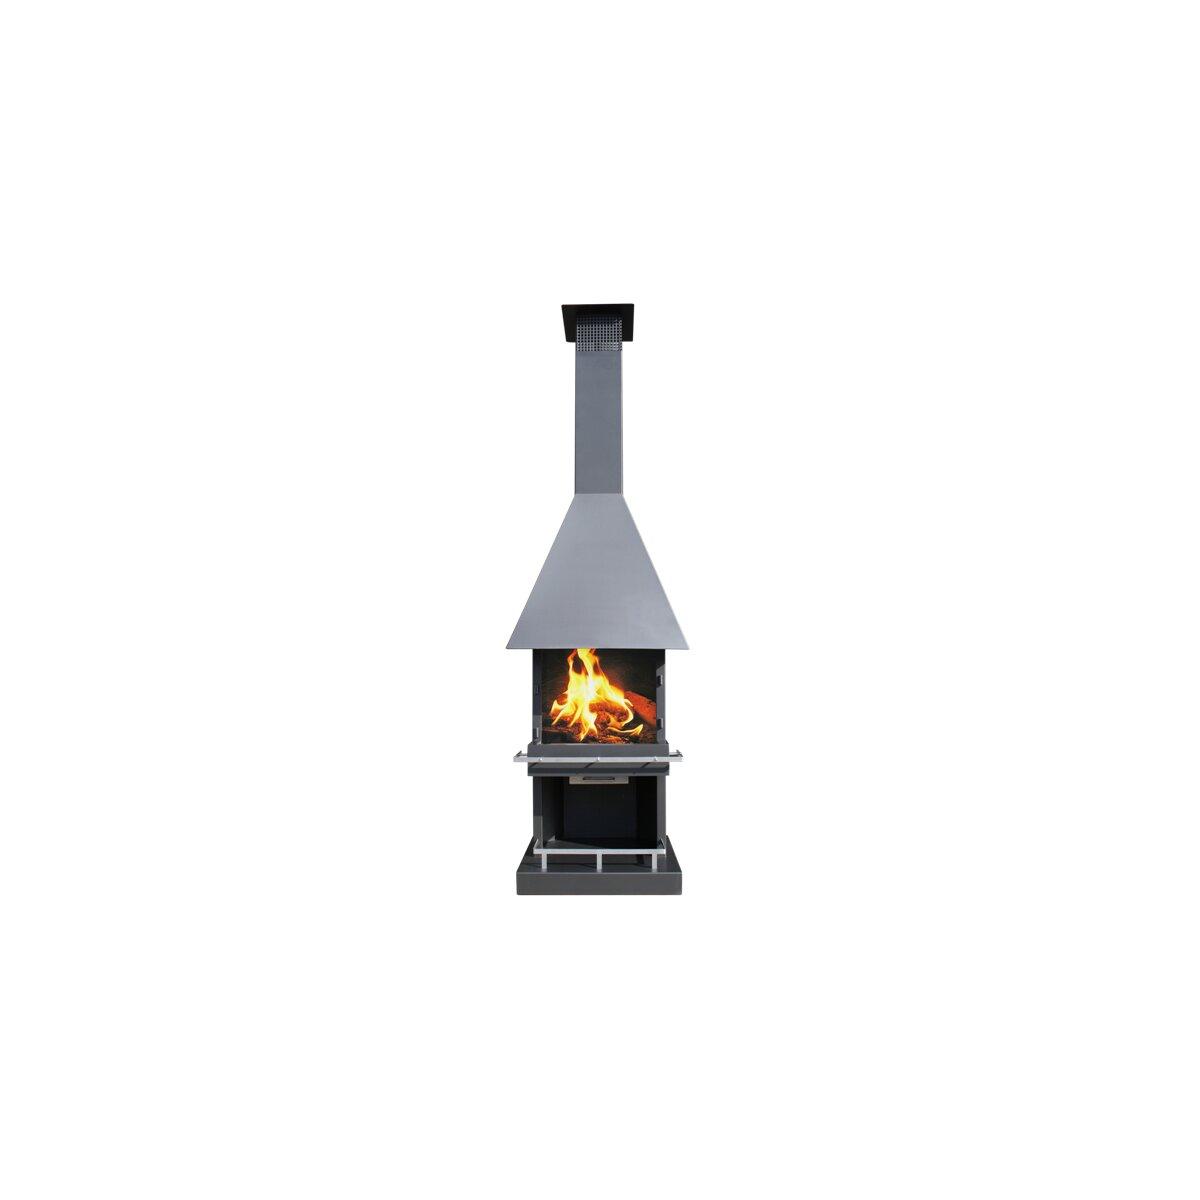 gartenkamin/ grill firestar cube classic, 2.039,00 € von karl